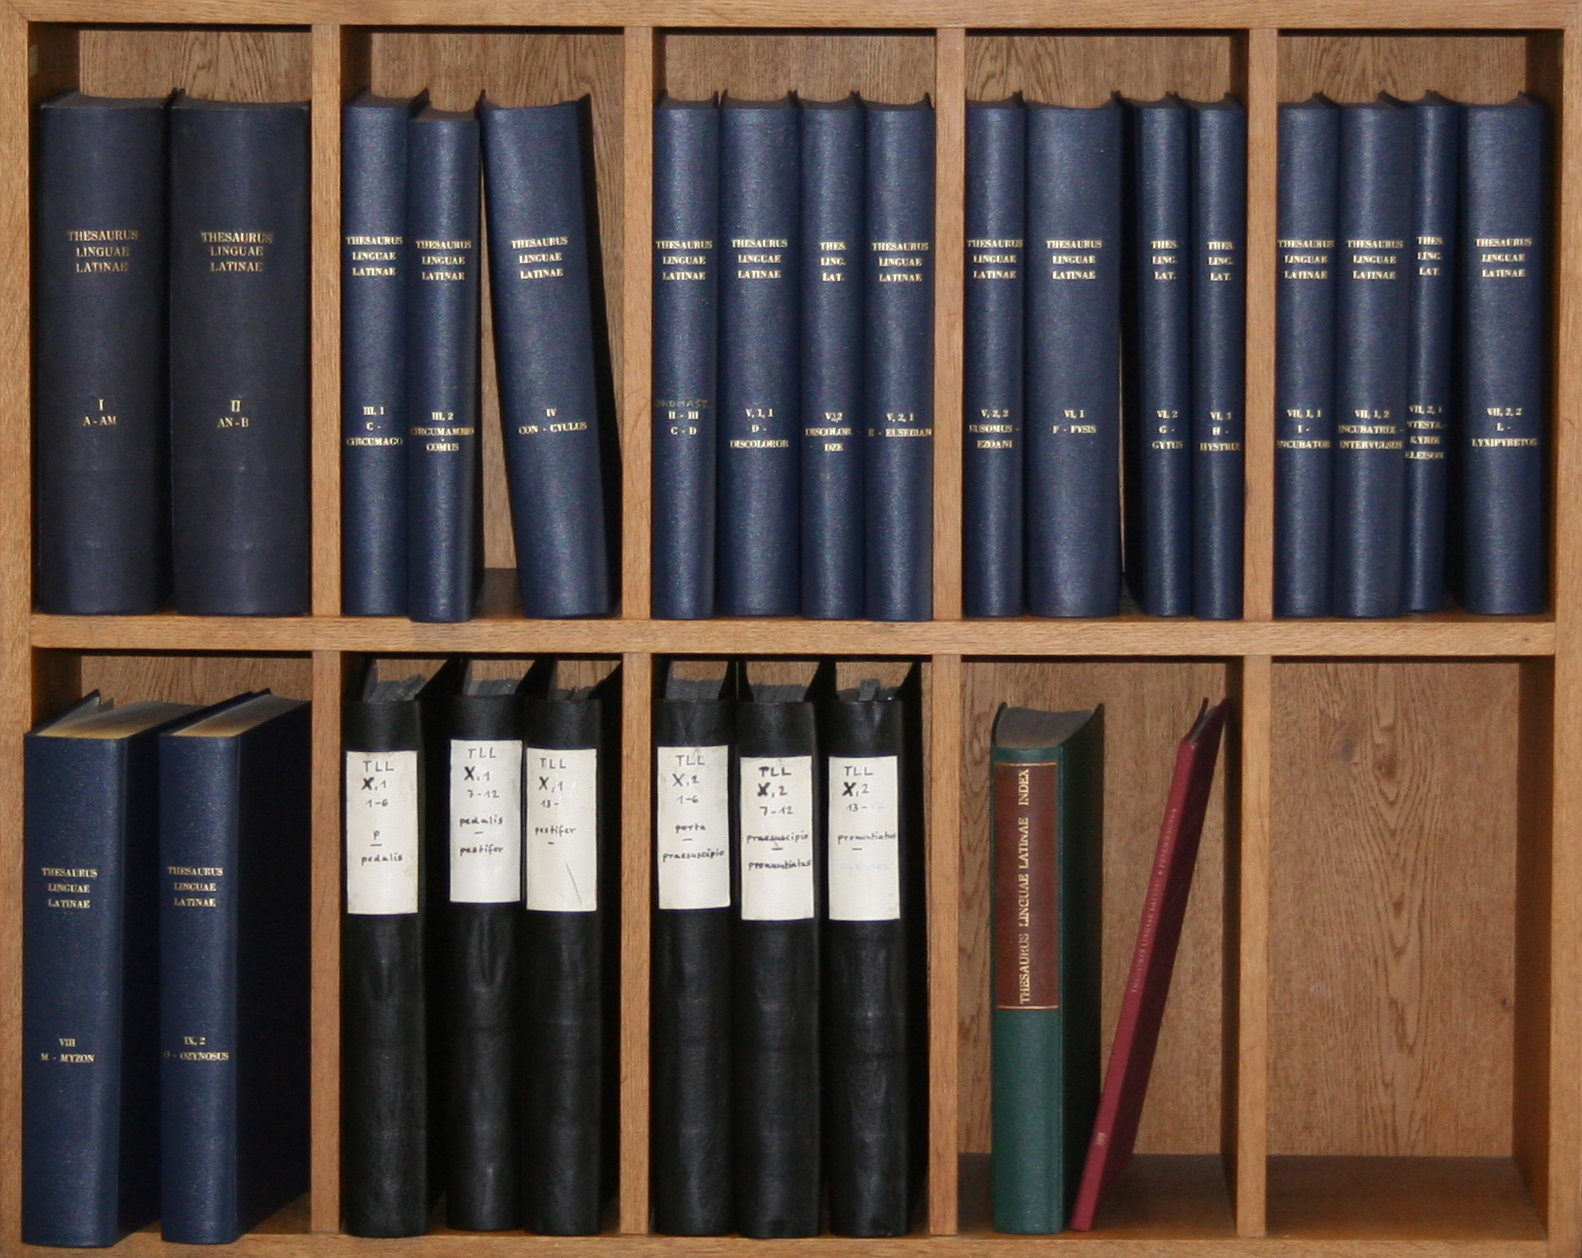 Thesaurus Linguae Latinae